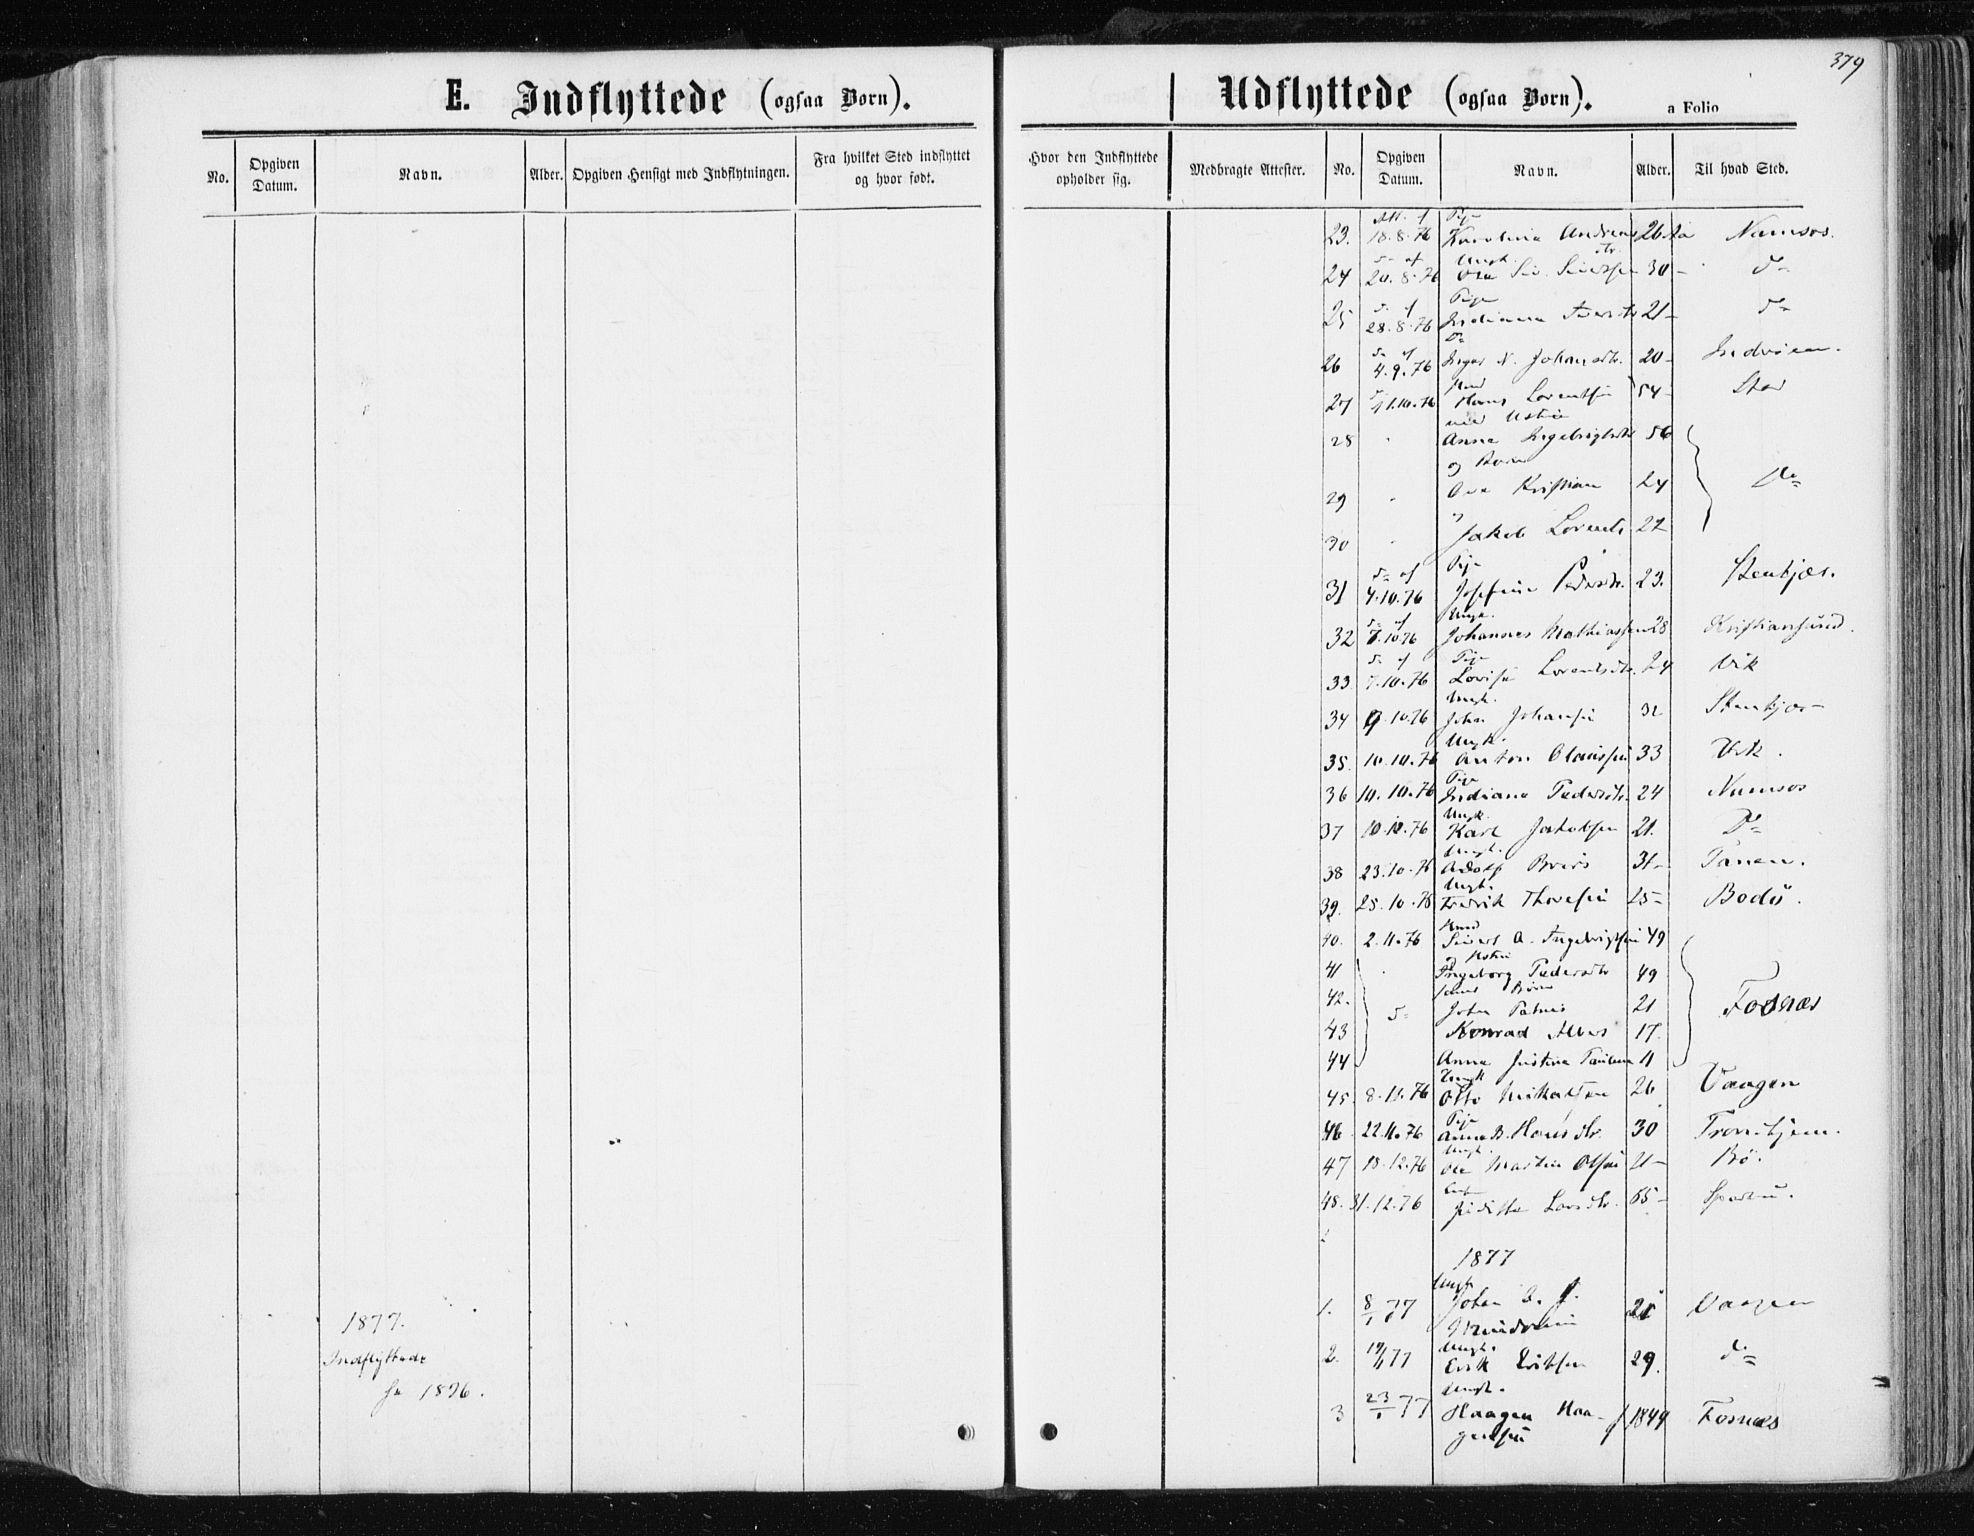 SAT, Ministerialprotokoller, klokkerbøker og fødselsregistre - Nord-Trøndelag, 741/L0394: Ministerialbok nr. 741A08, 1864-1877, s. 379